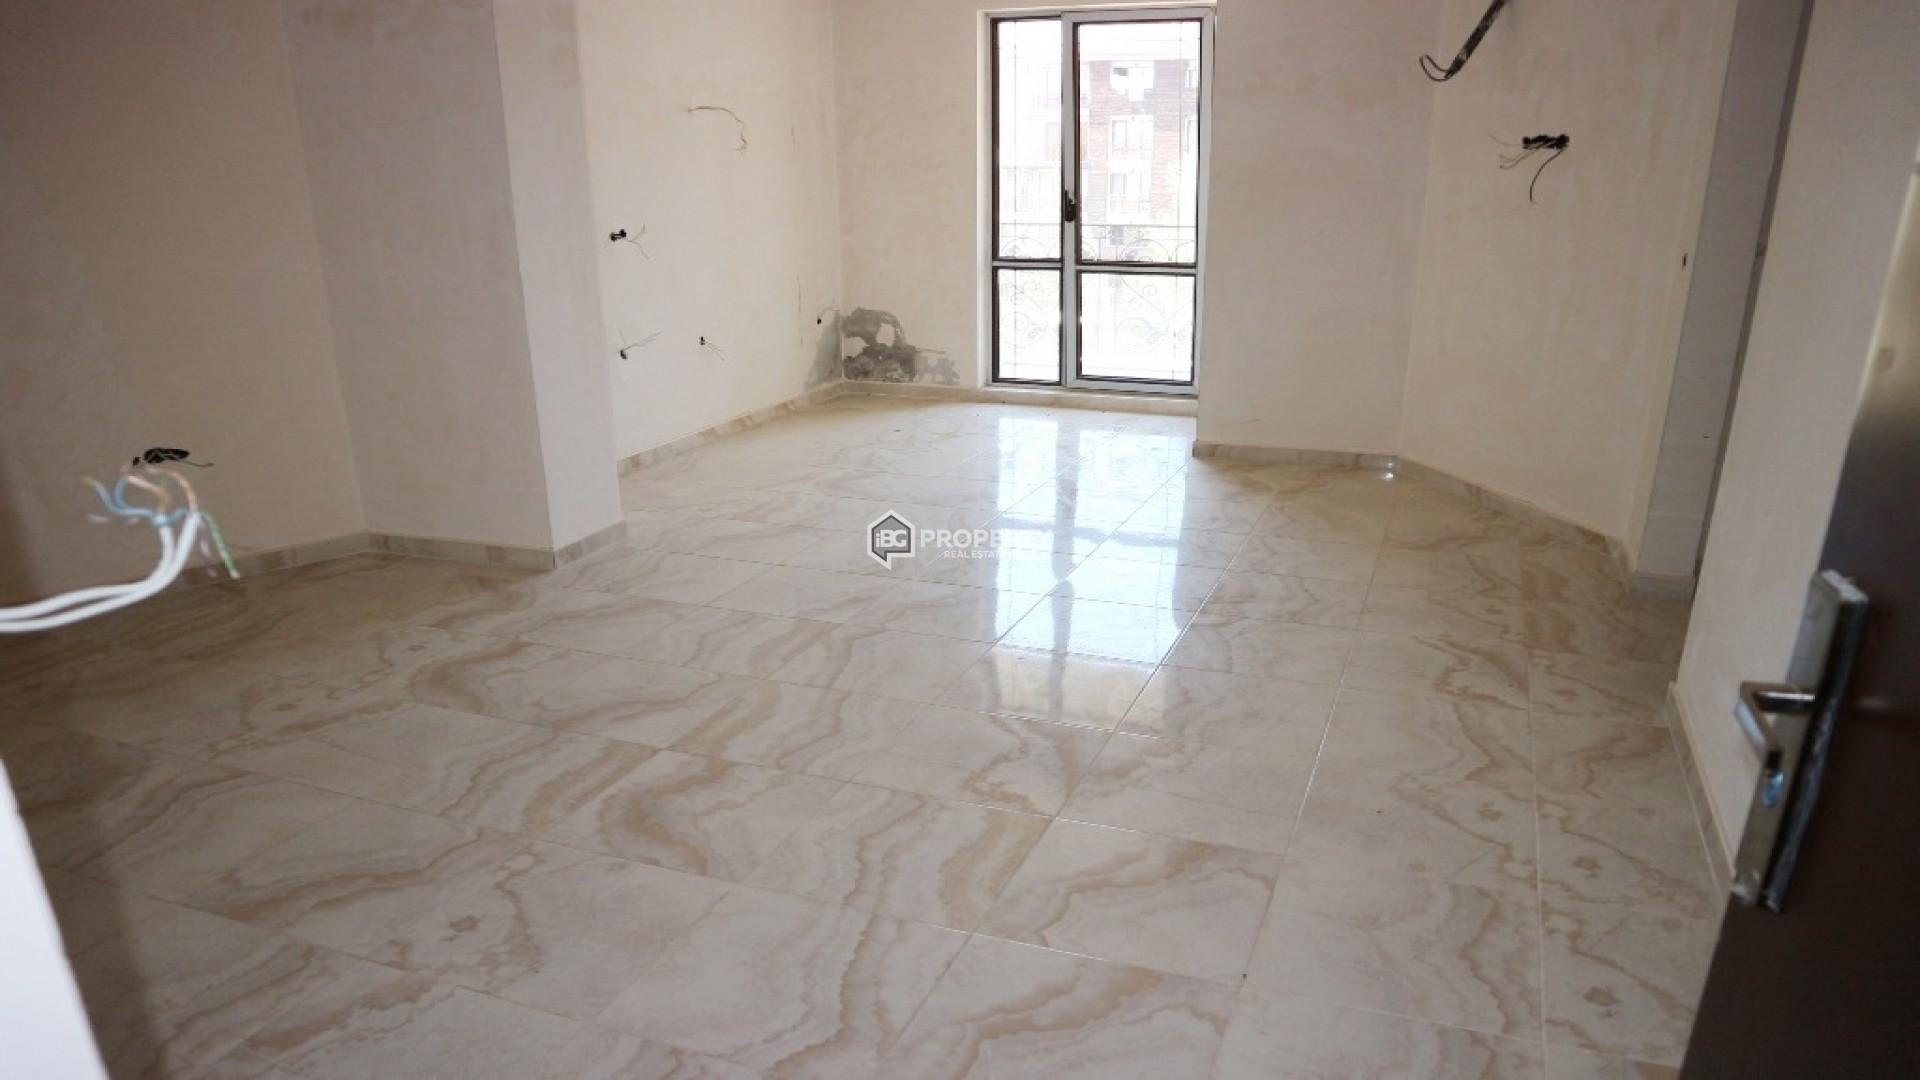 Dreizimmerwohnung in Sonnenstrand 82 m2